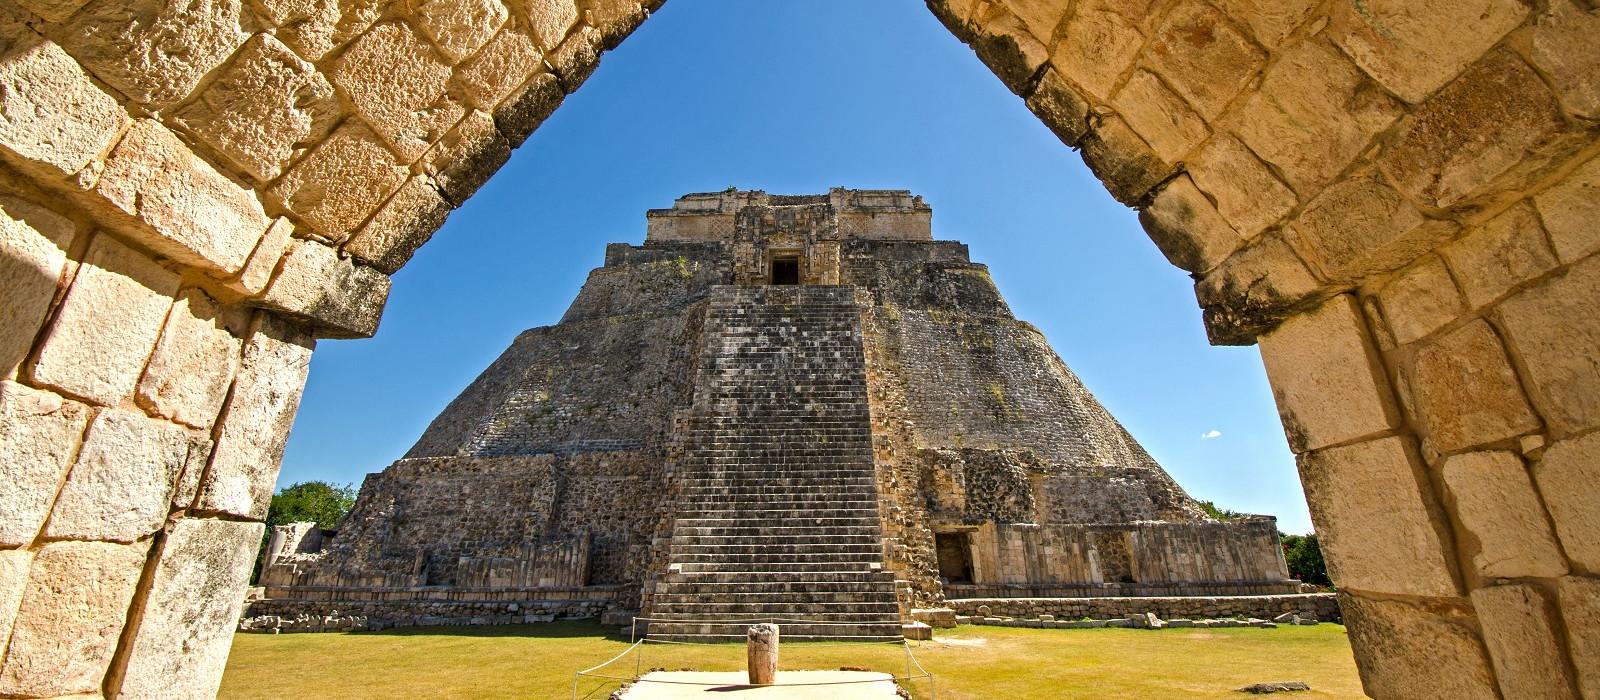 Yucatan In-Depth: Ancient Ruins and Beach Tour Trip 1